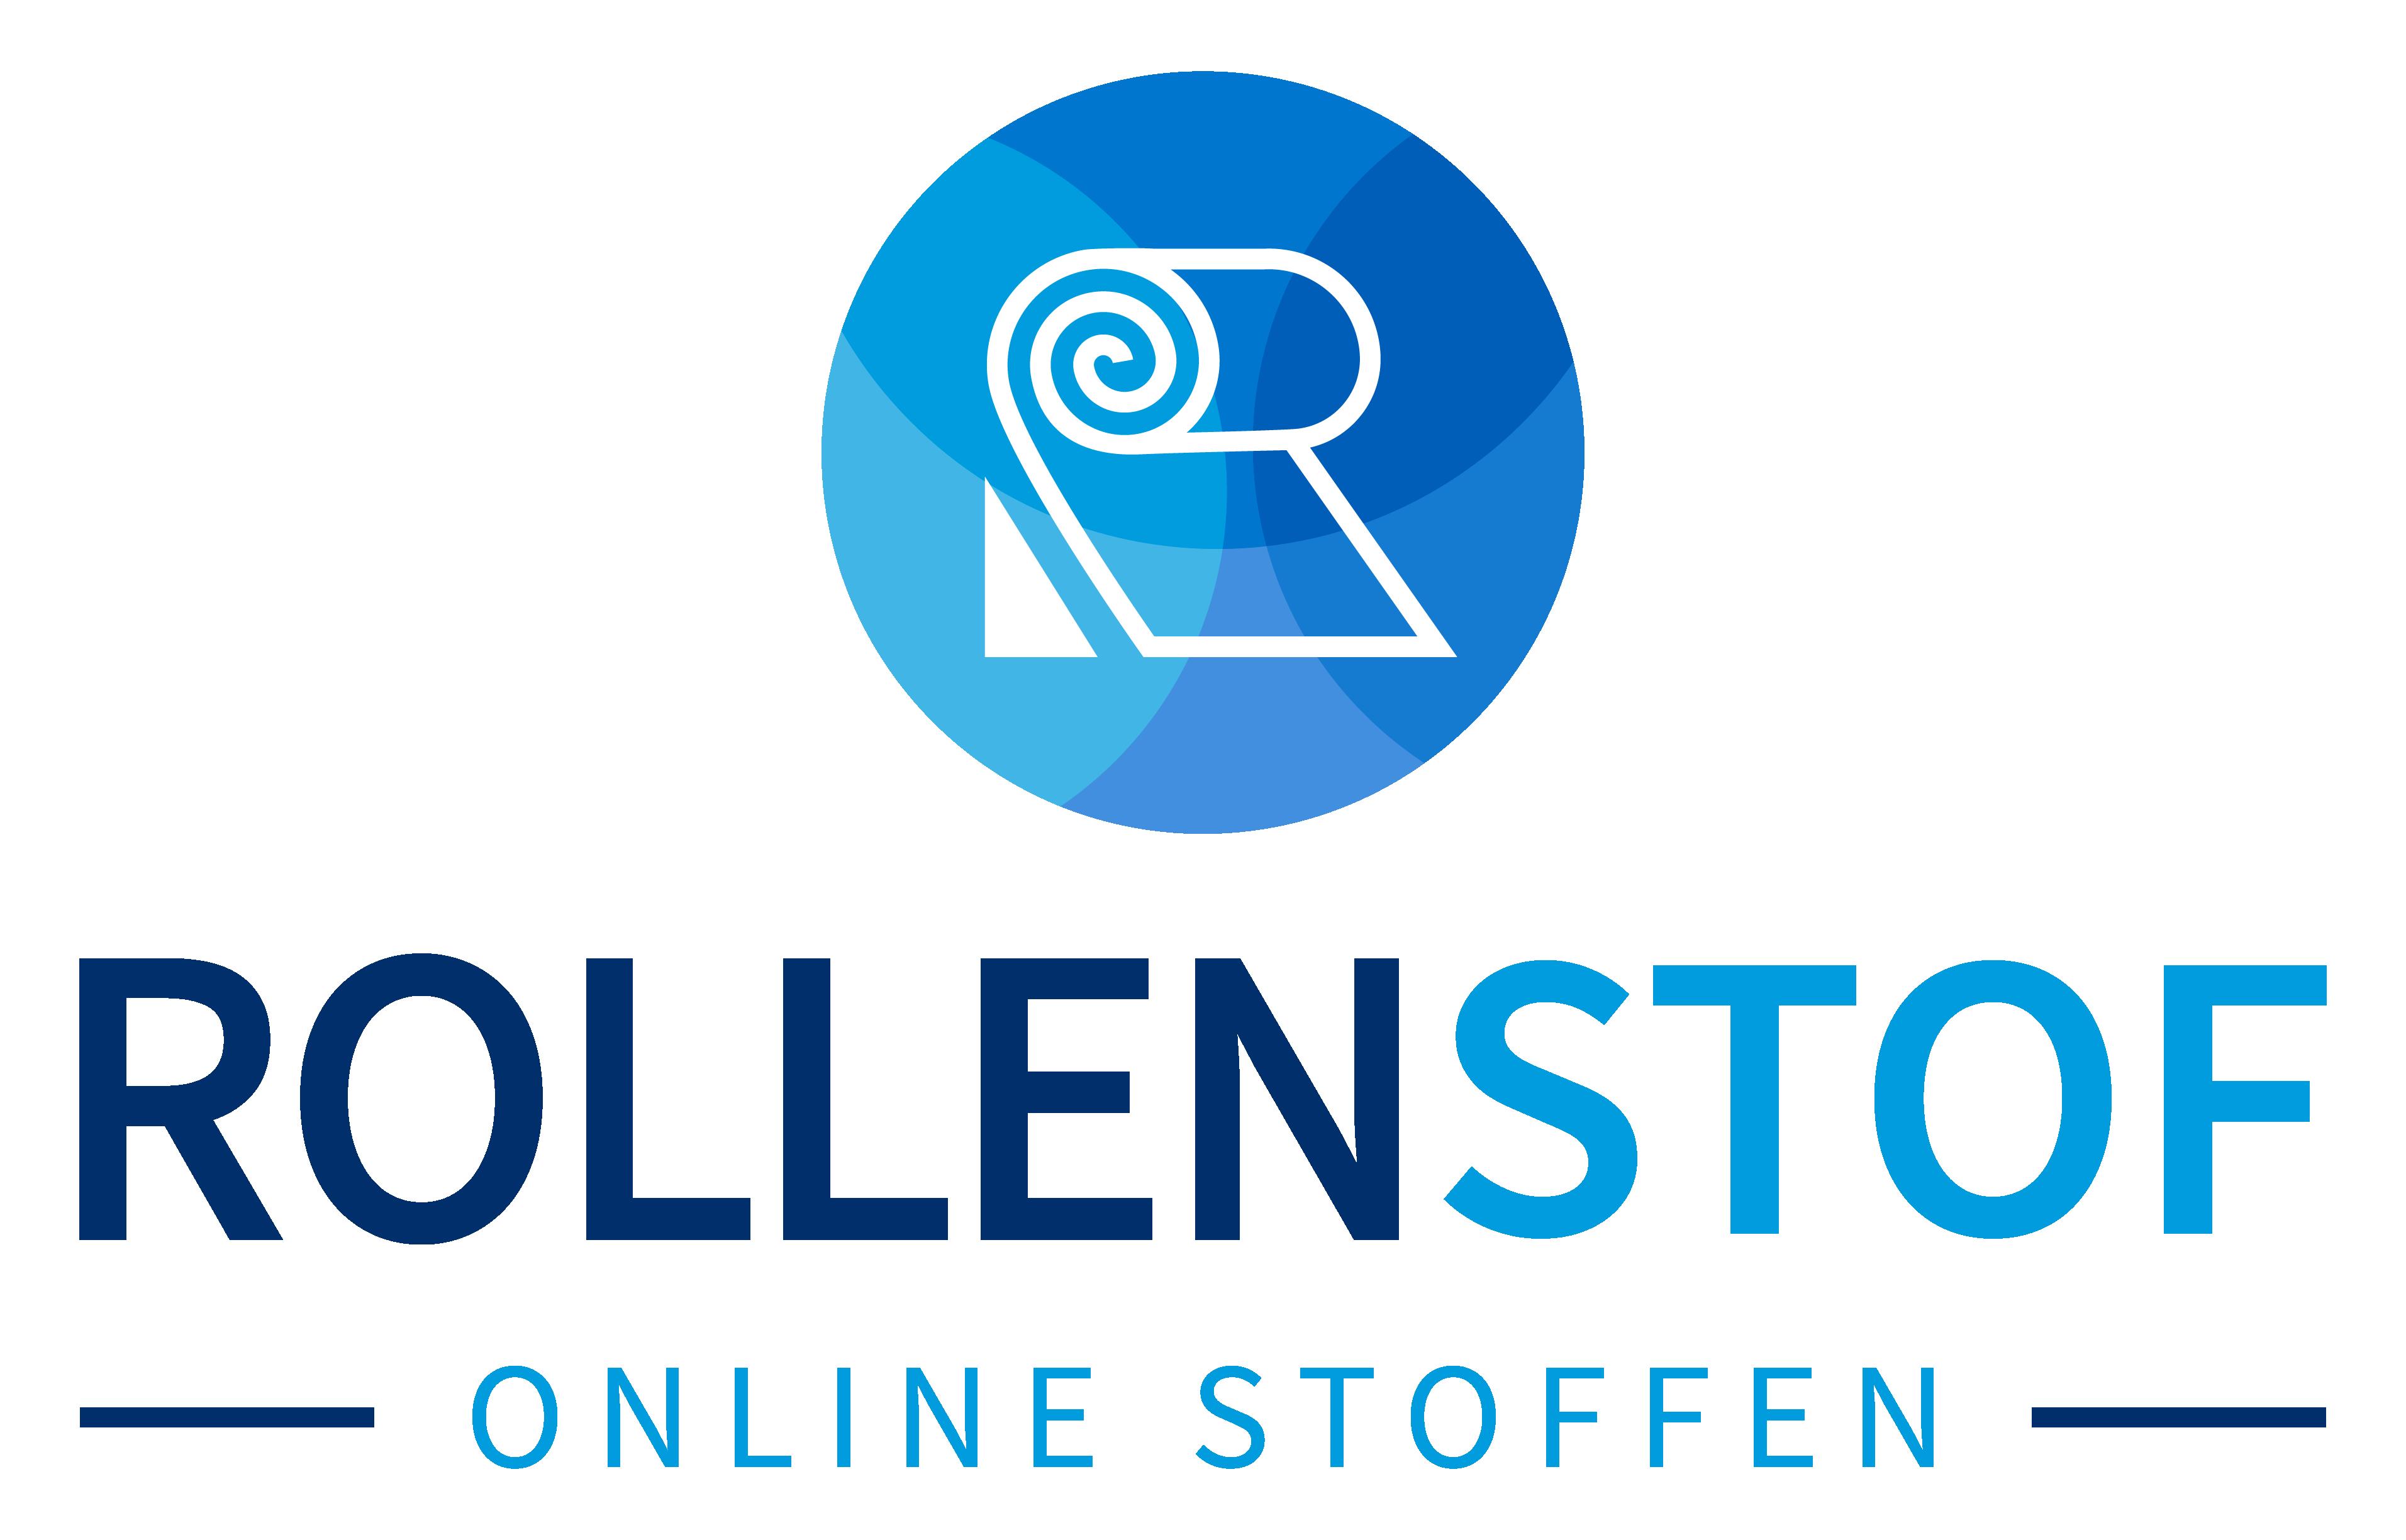 Rollenstof - Online stoffen